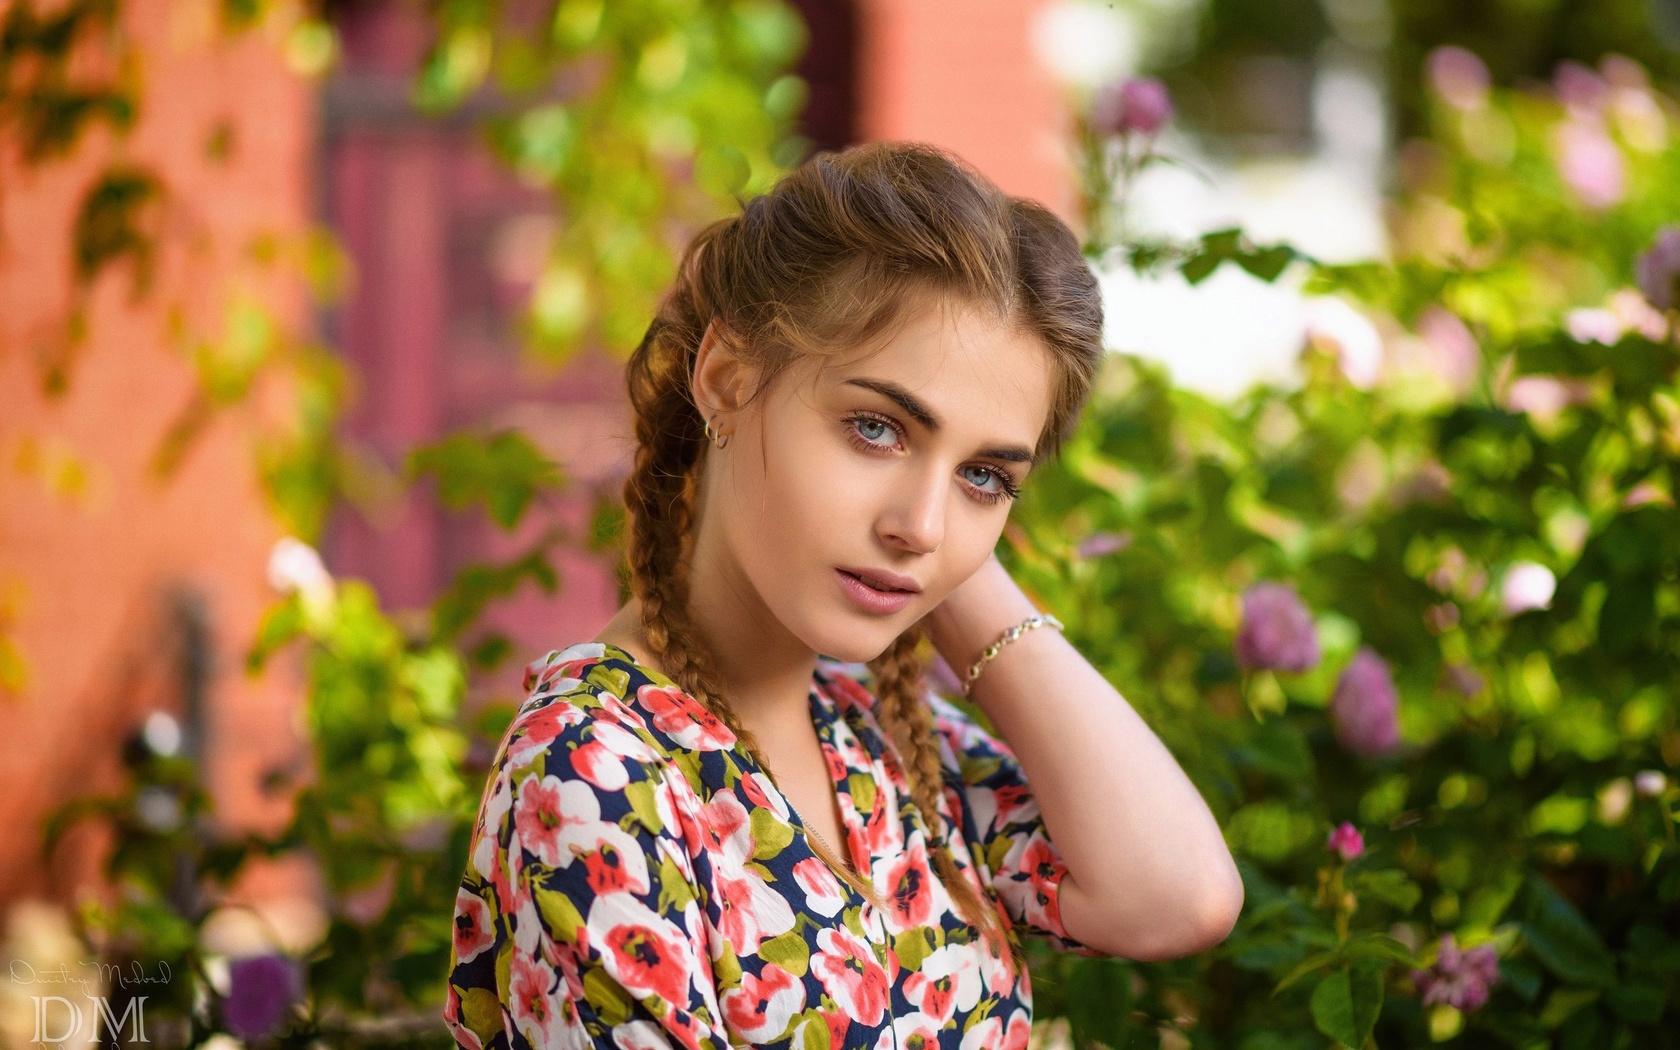 девушка, косички, взгляд, цветы, лето, фотограф, дмитрий медведь, dmitry medved, ананда дубровская